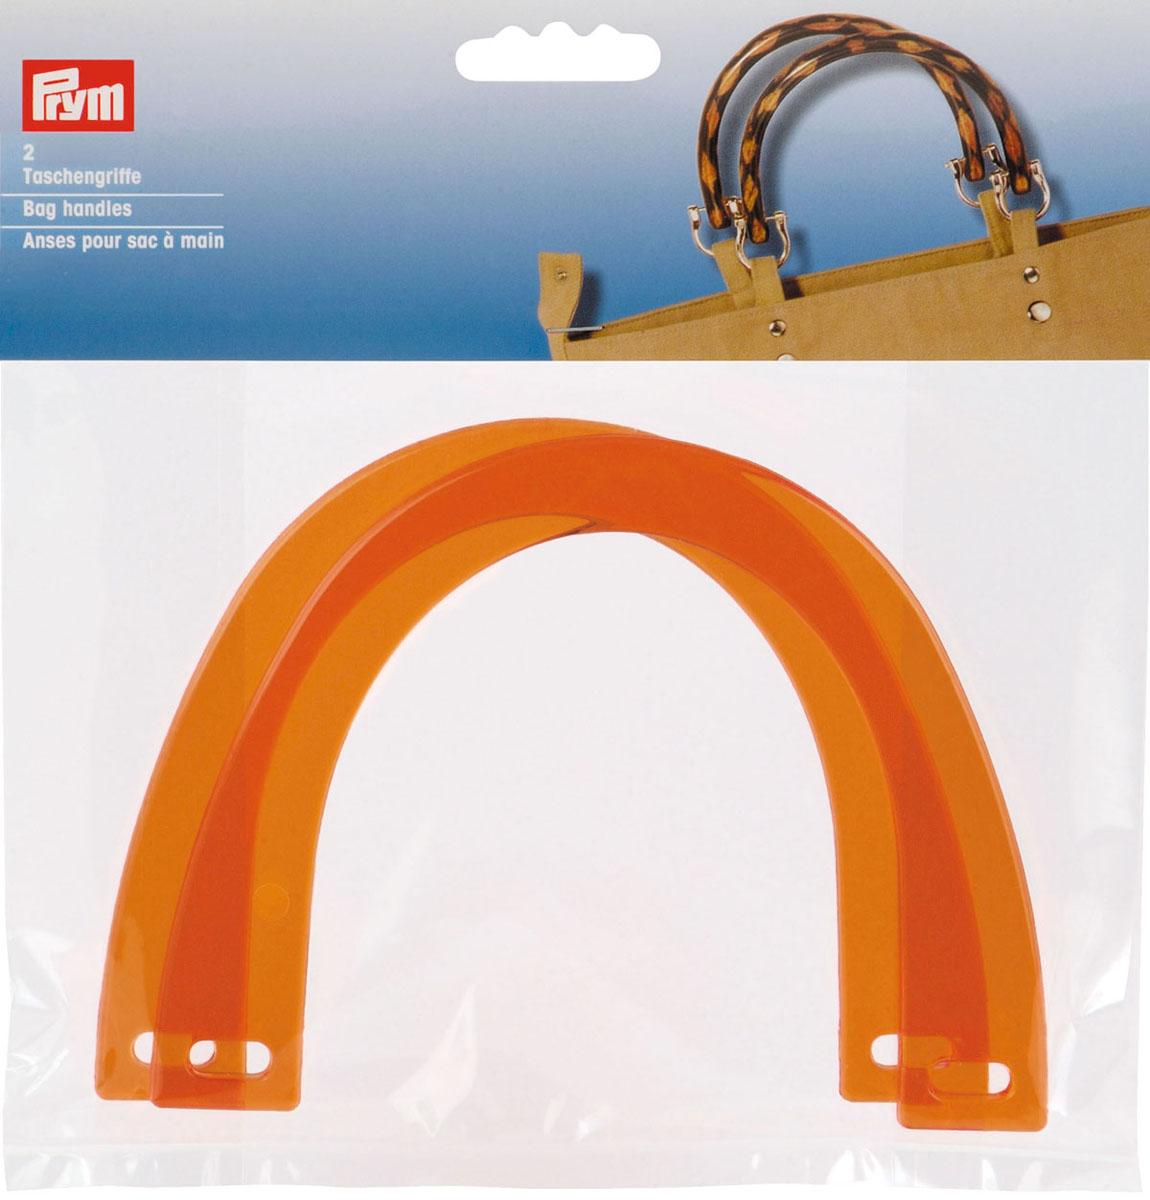 Zakazat.ru Ручки для сумок Регина, пластиковые, 14,5 см х 11 см, цвет: оранжевый, 2 шт